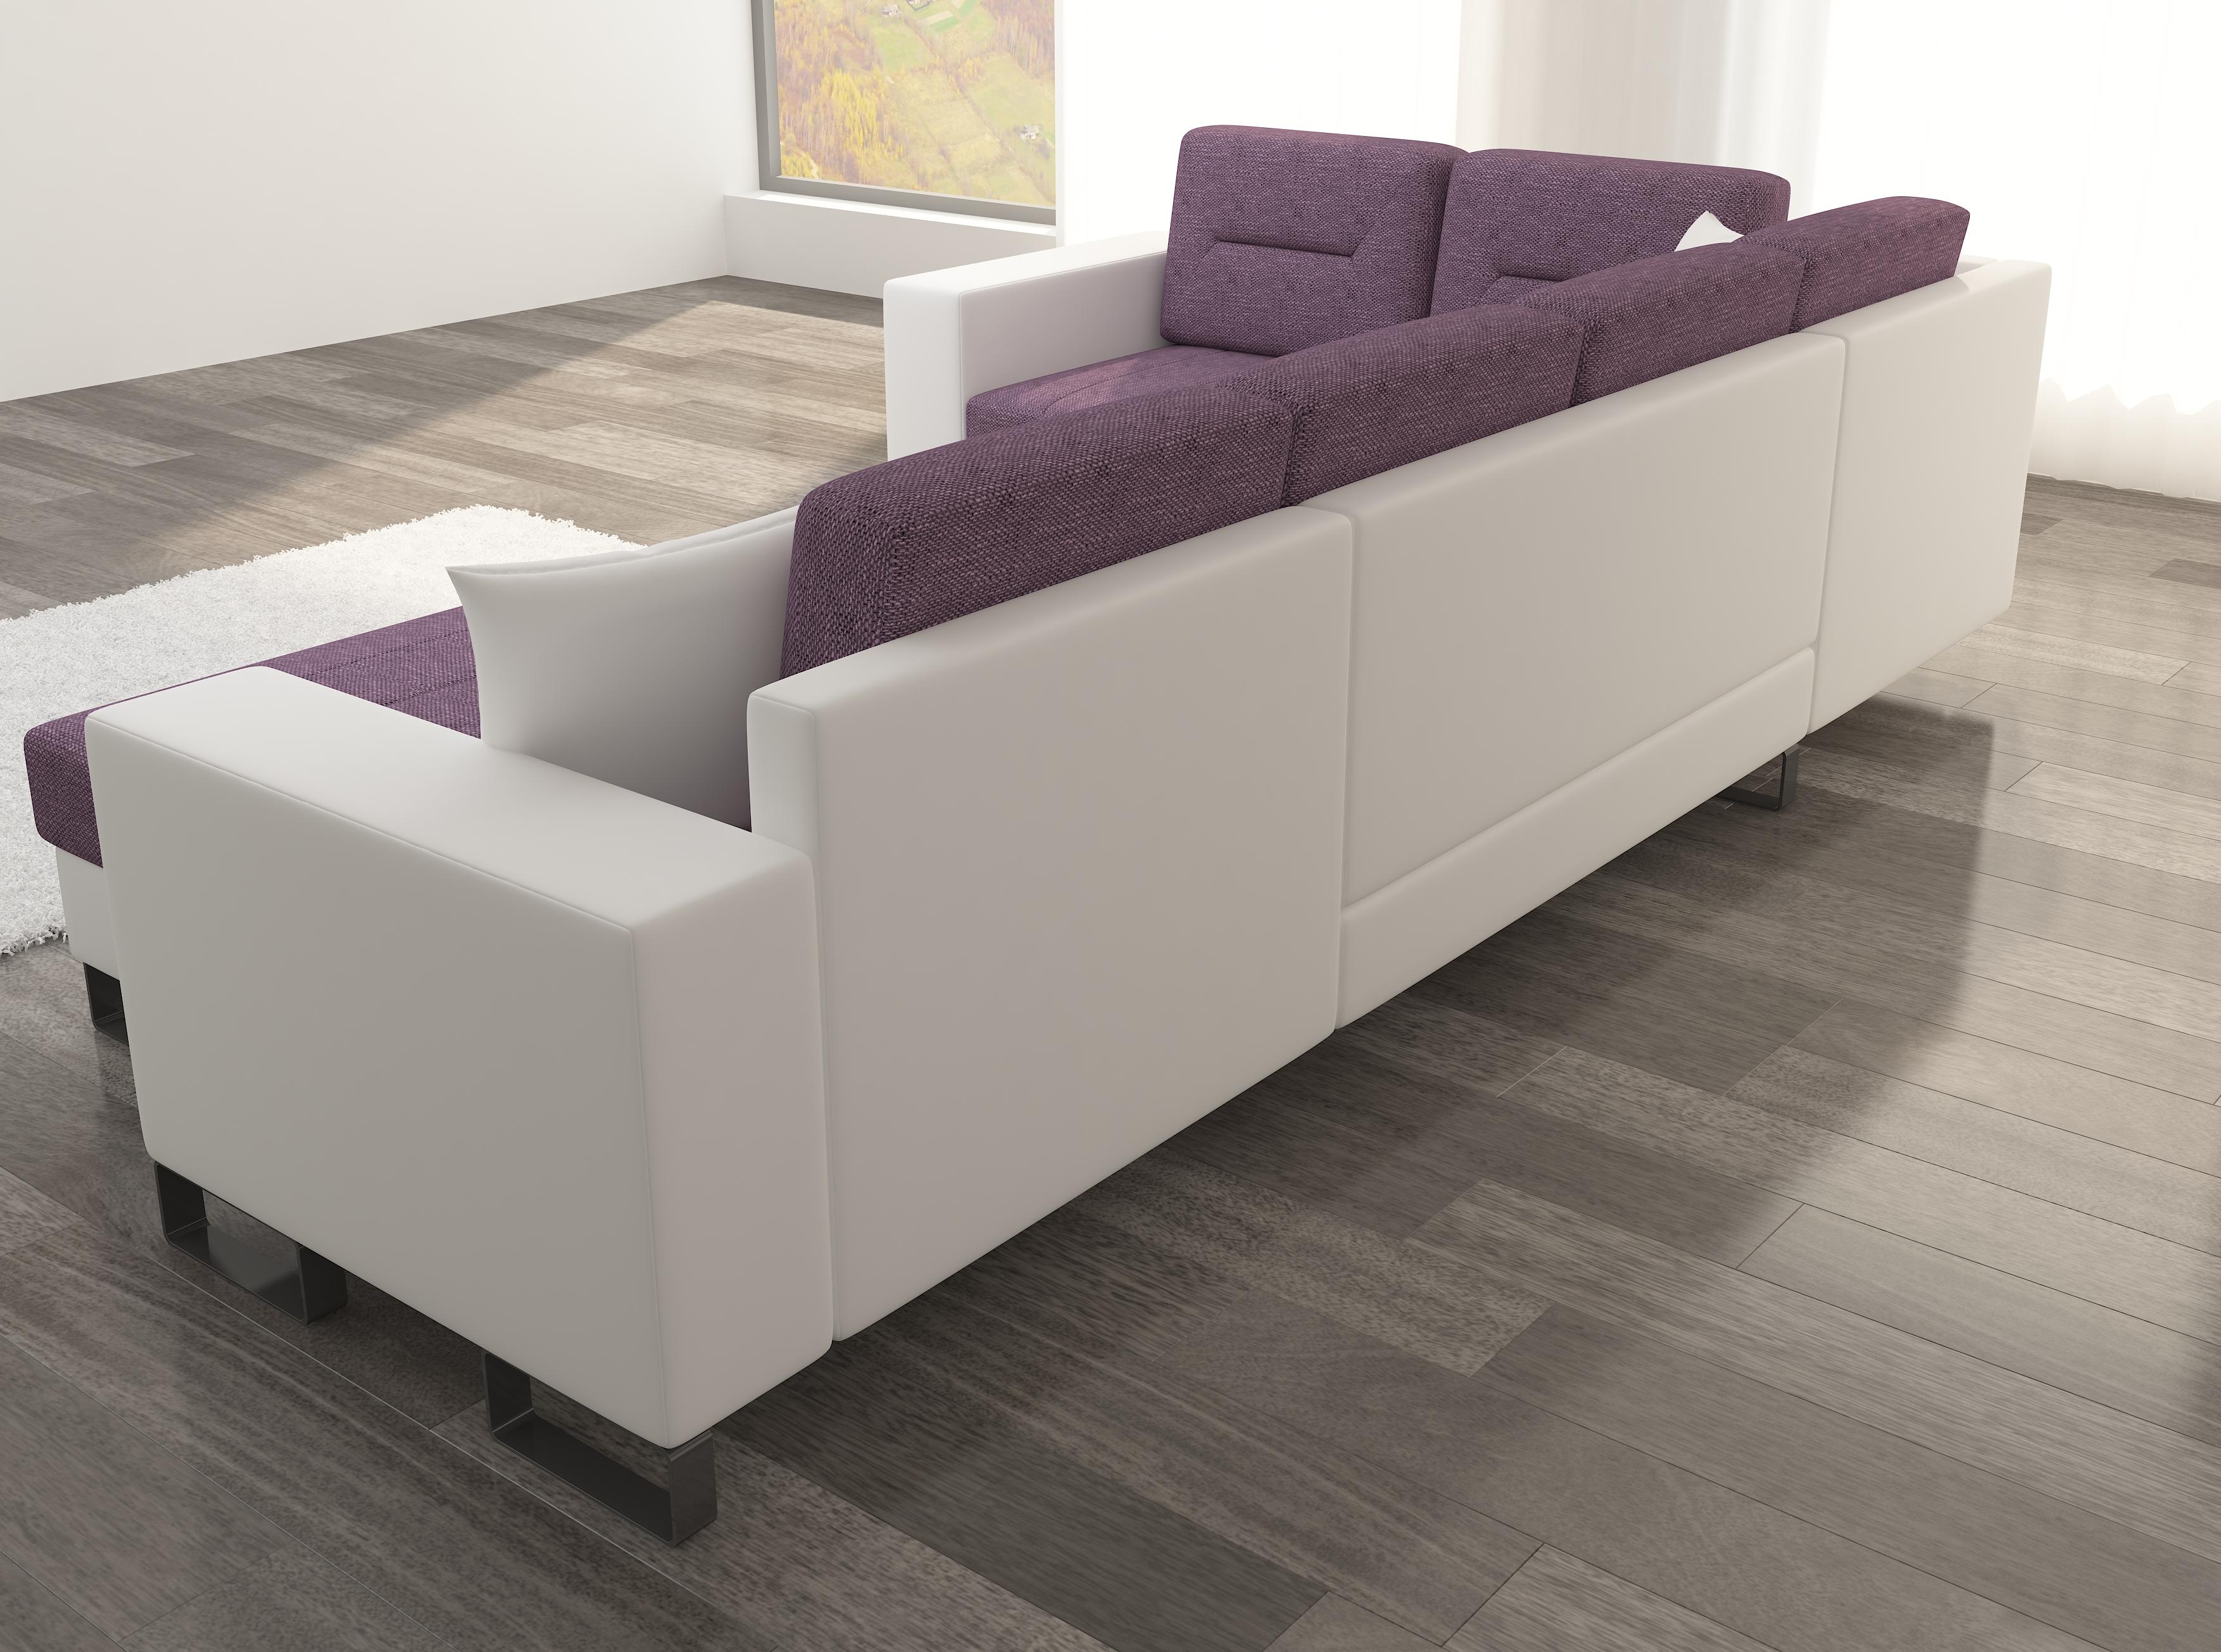 Wohnlandschaft U Form Moderne Wohnzimmer Art Ecksofa Couch Eck